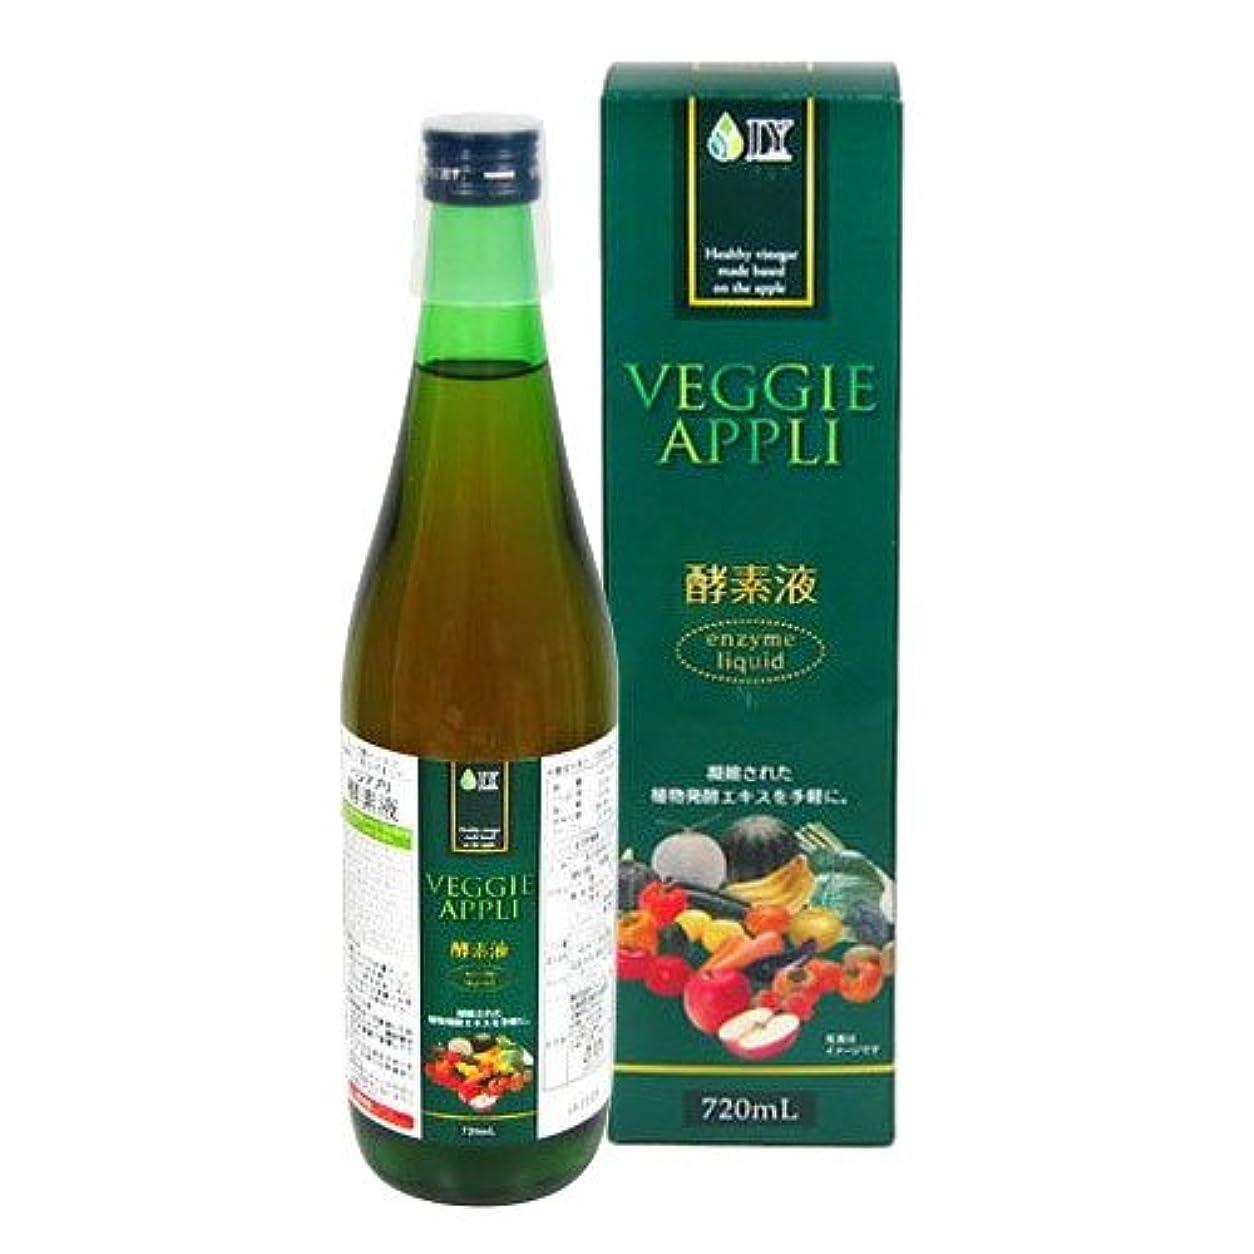 小康百年タイルベジアプリ酵素液